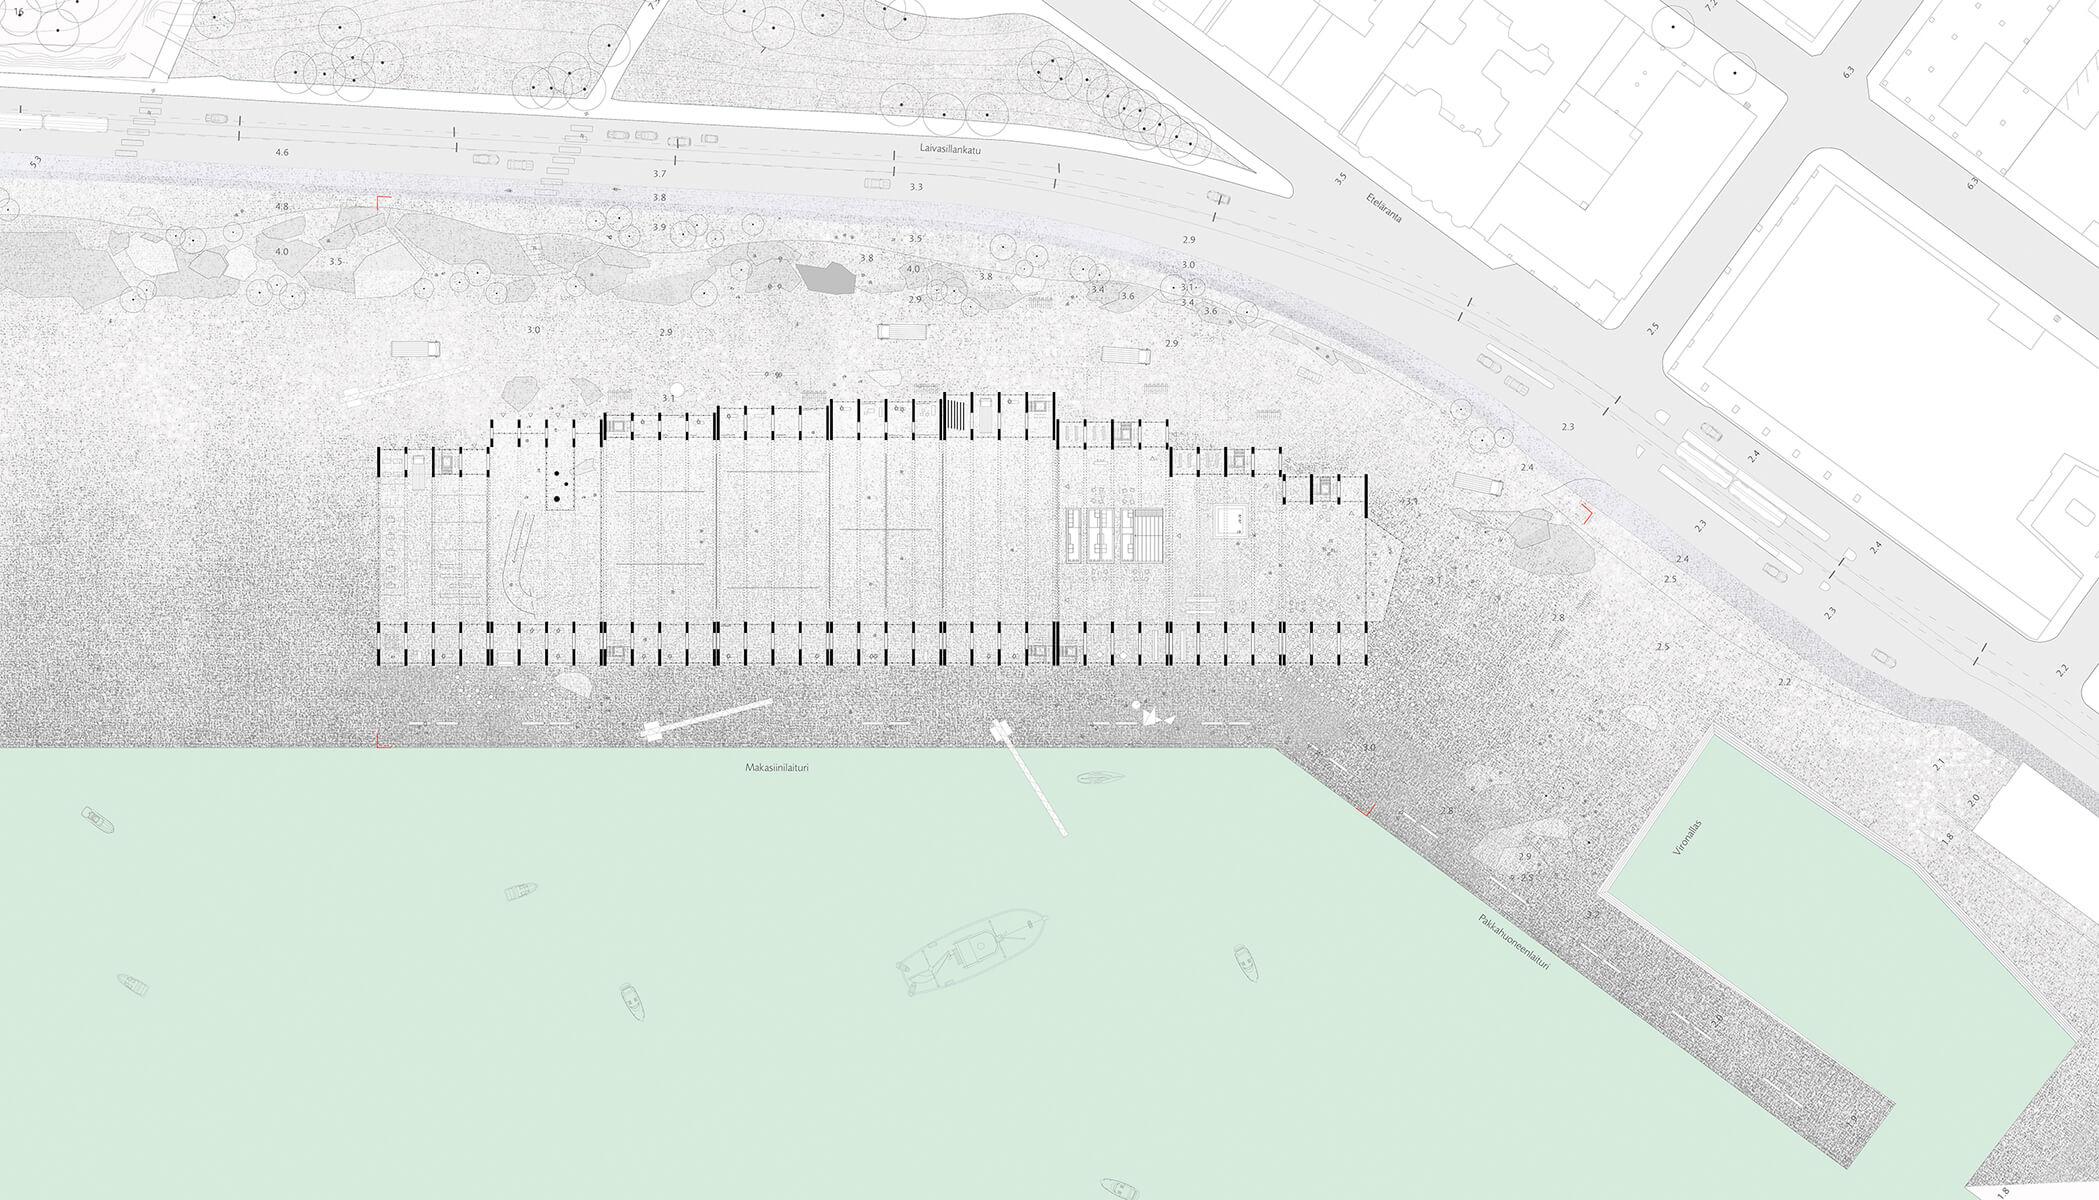 Ortalli_Verrier_Guggenheim_plan